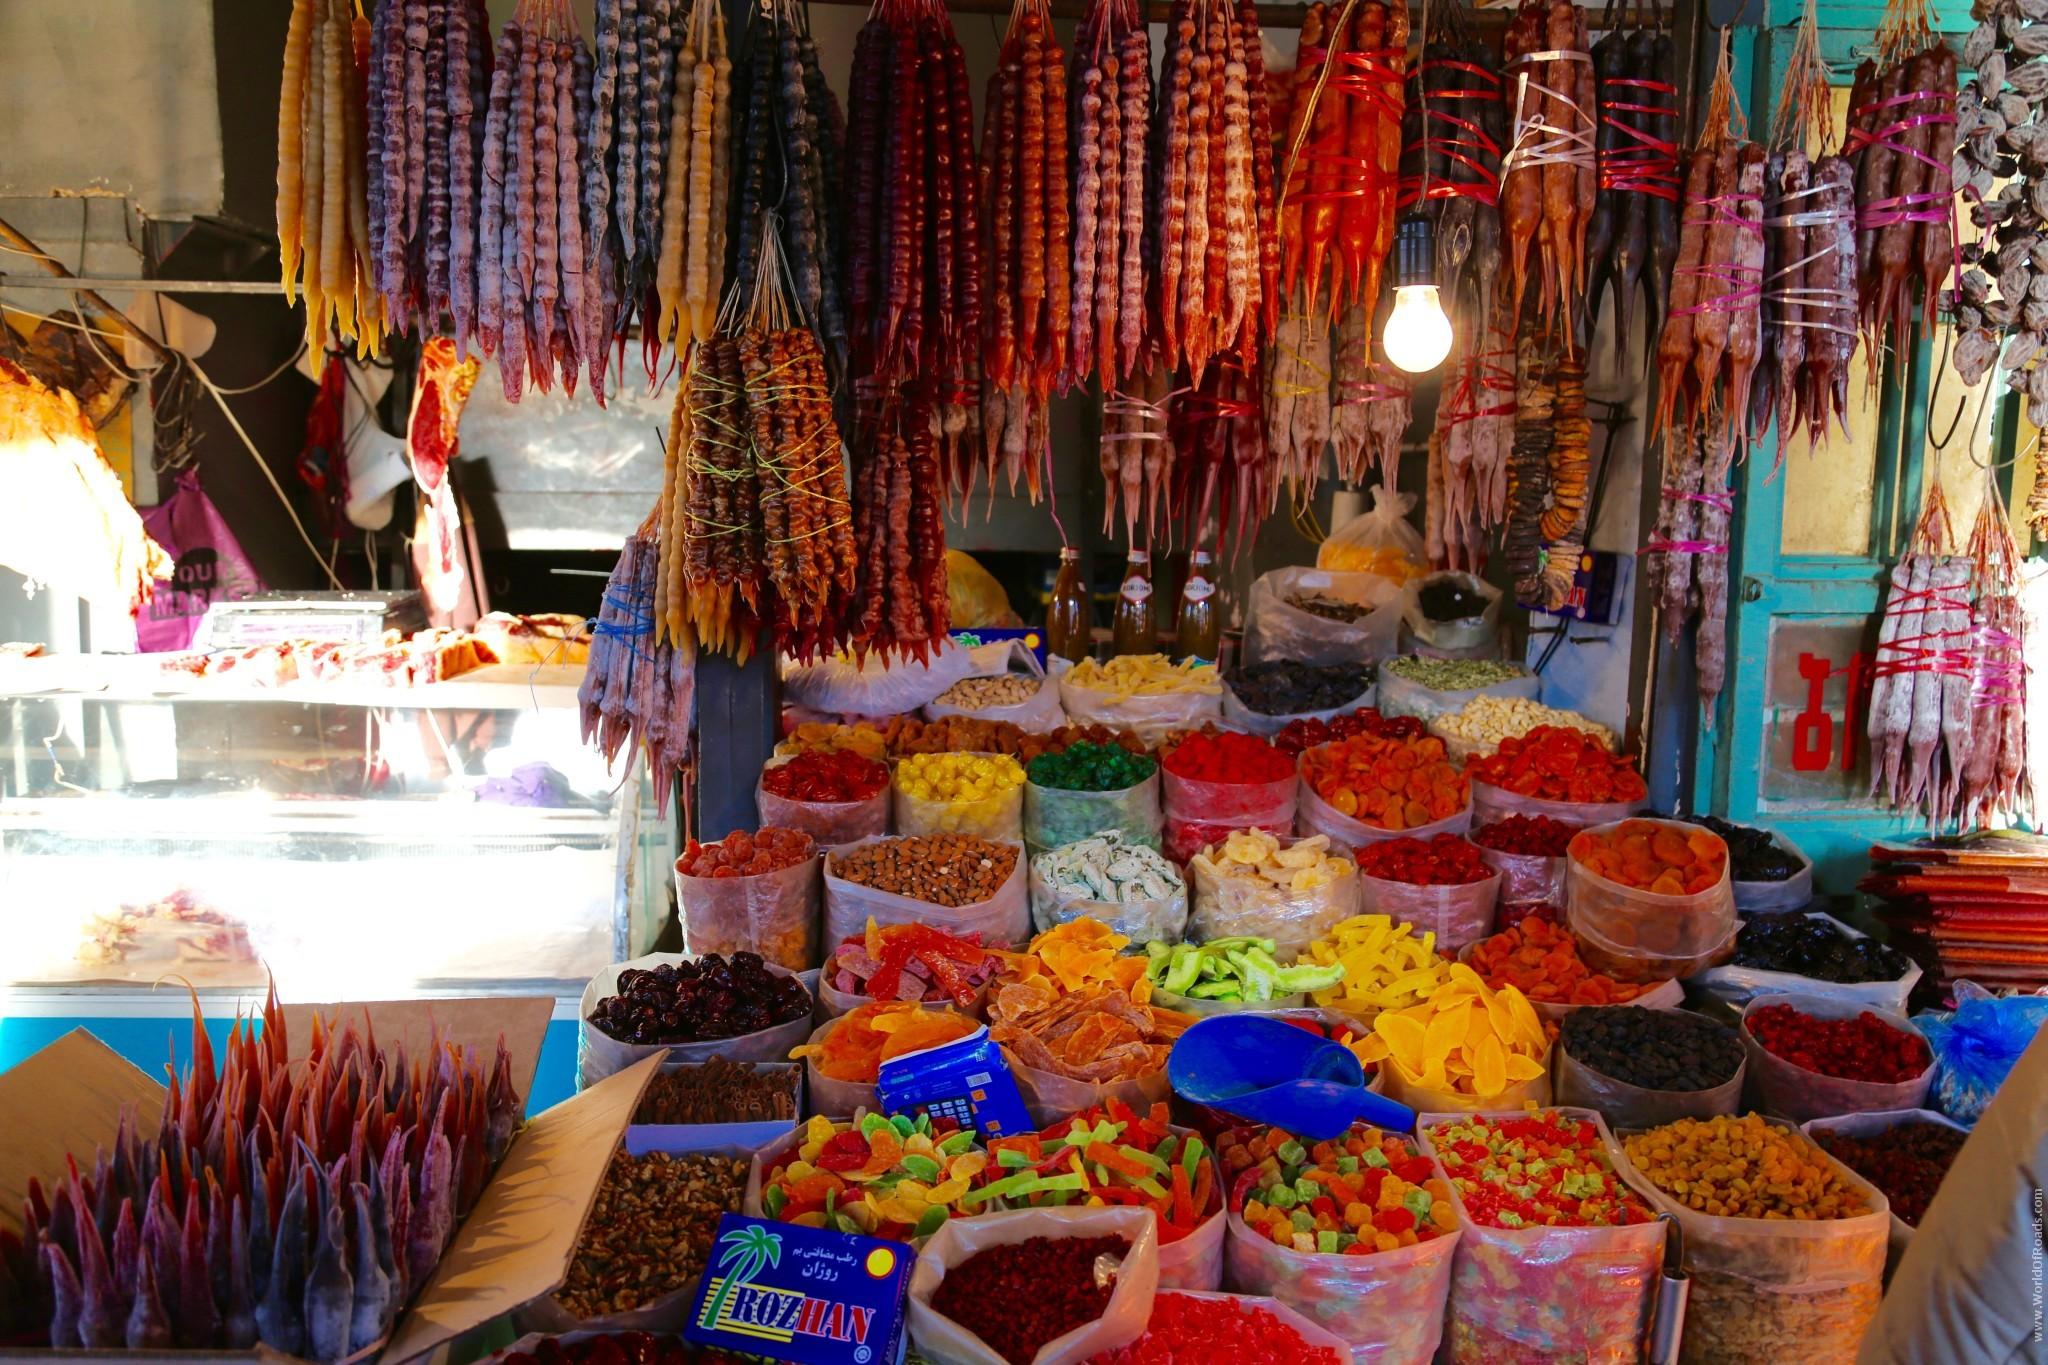 Тбилиси. Центральный рынок. Сухофрукты.